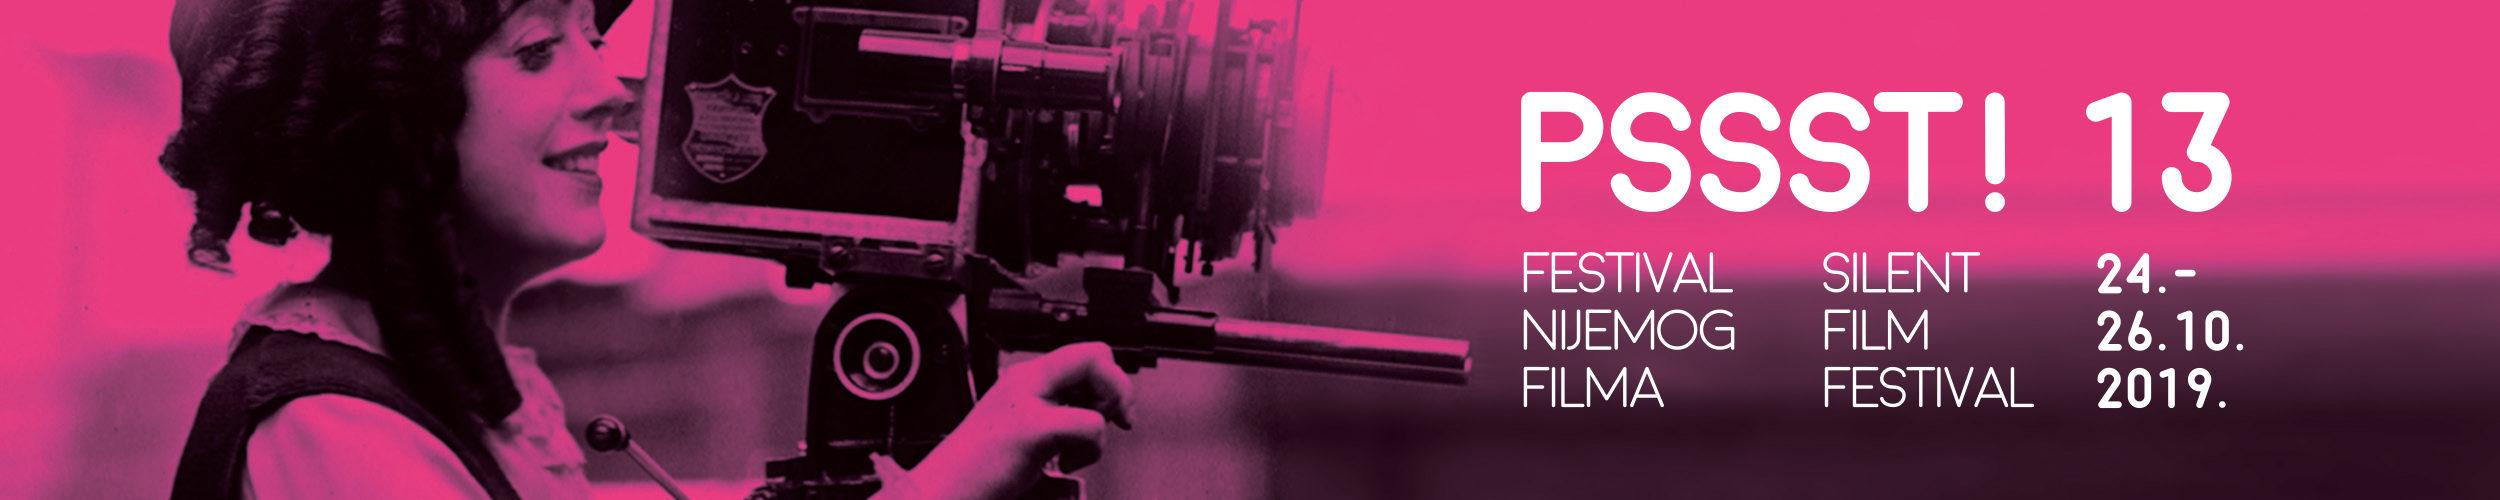 13. PSSST! Festival nijemog filma uCentru za kulturu Trešnjevka